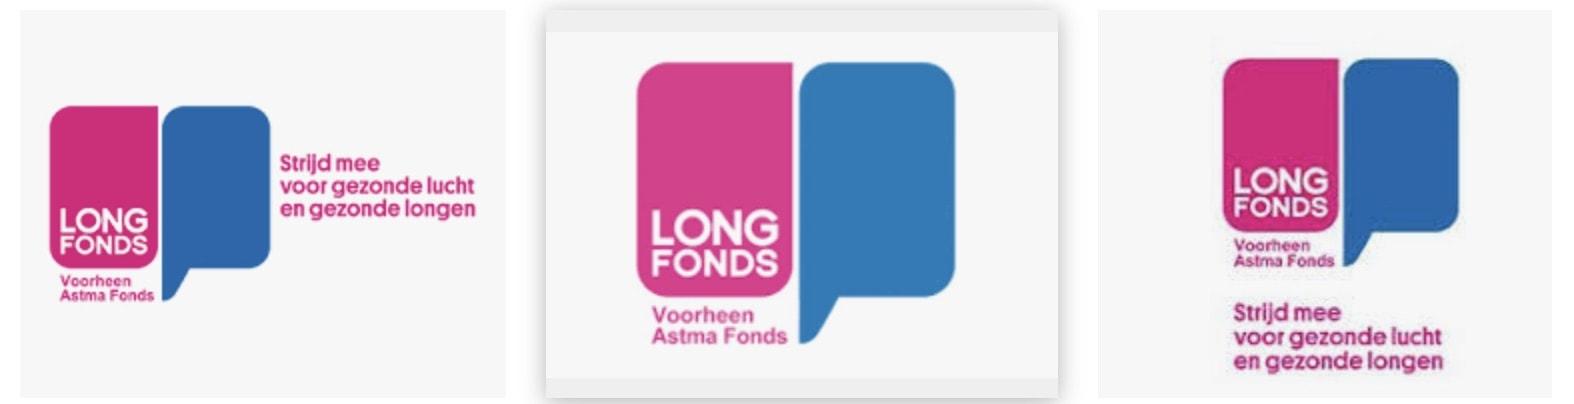 Longfonds